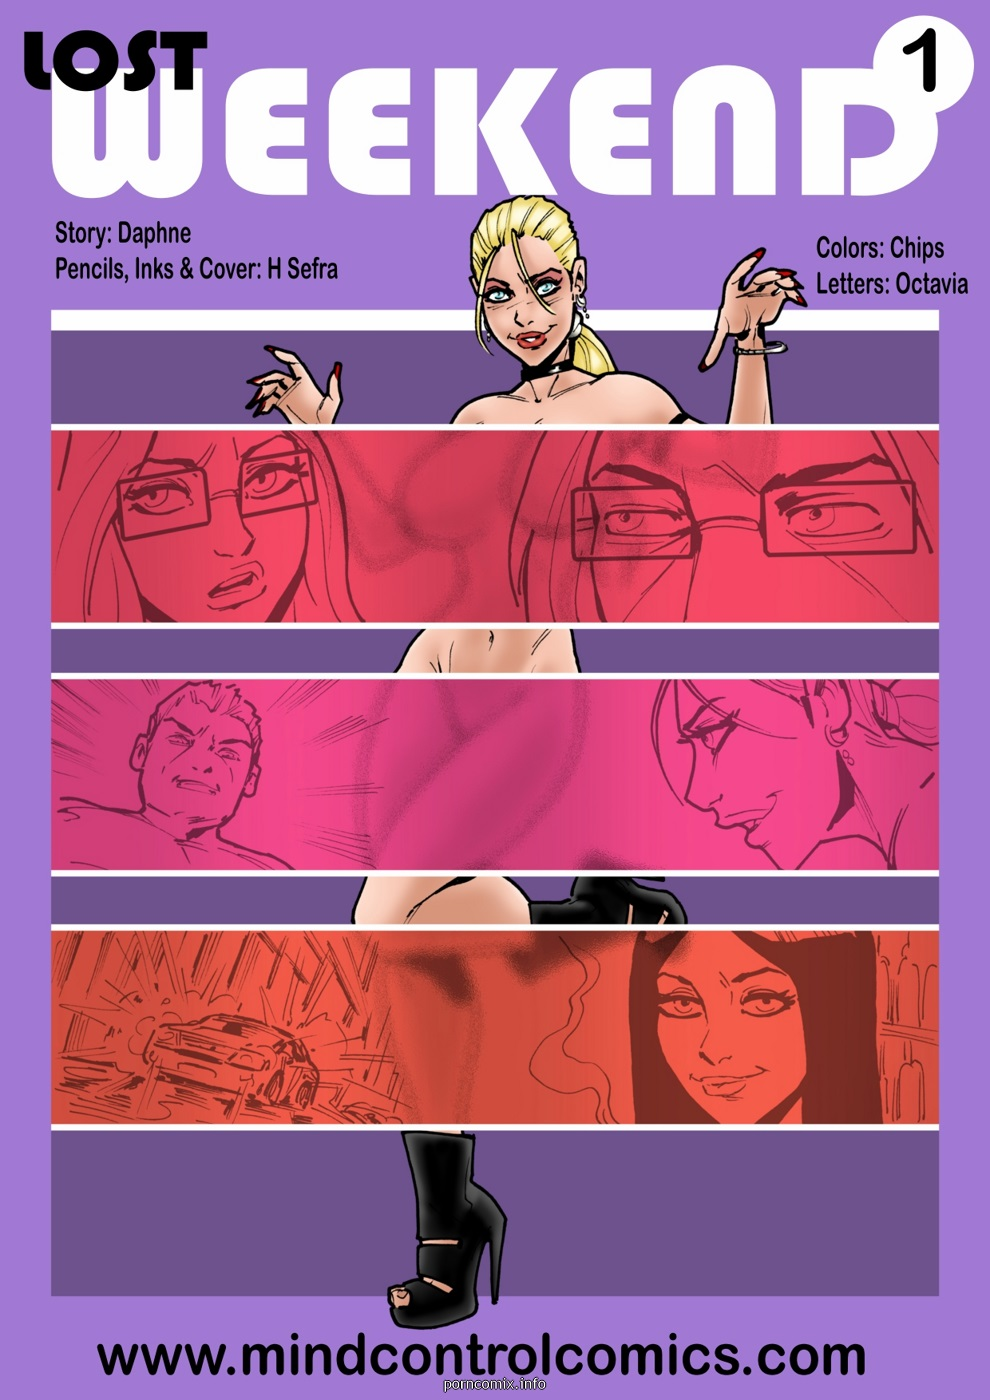 Porn Comics - Lost Weekend 1- MCC porn comics 8 muses